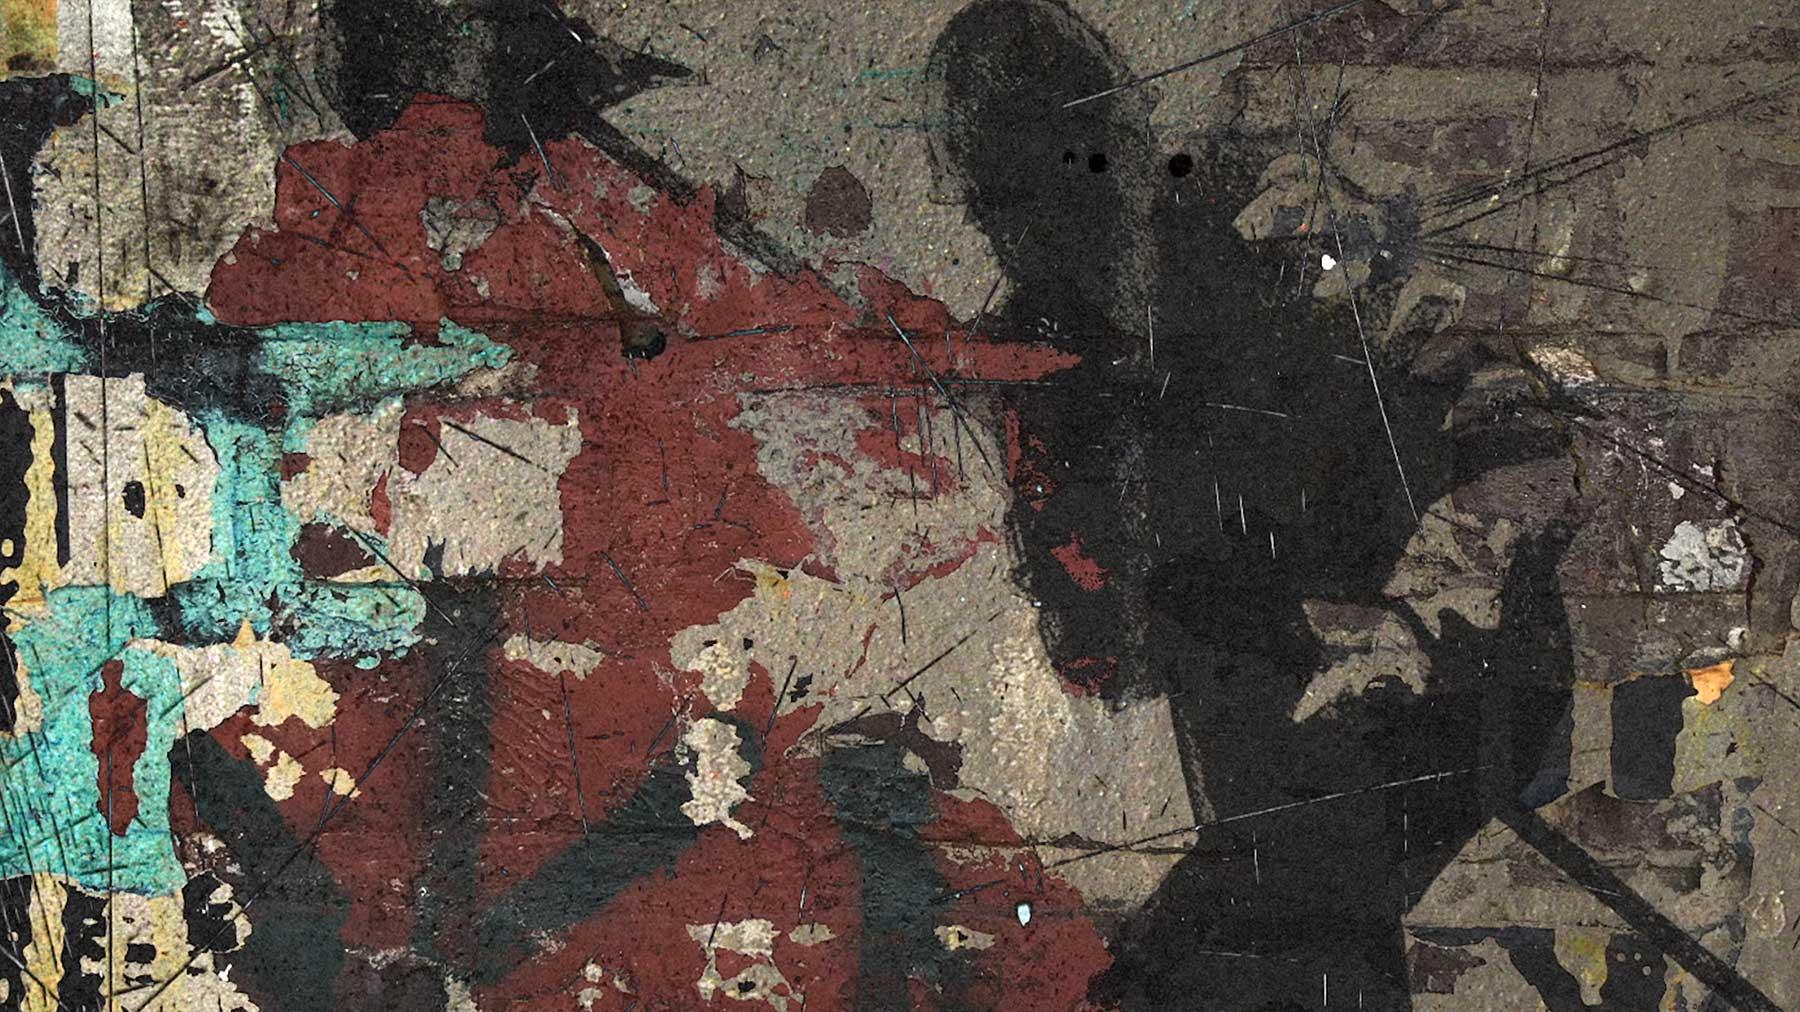 Unveröffentlichte Songs und Demos von Linkin Park linkin-park-unveroeffentlichte-songs-demo